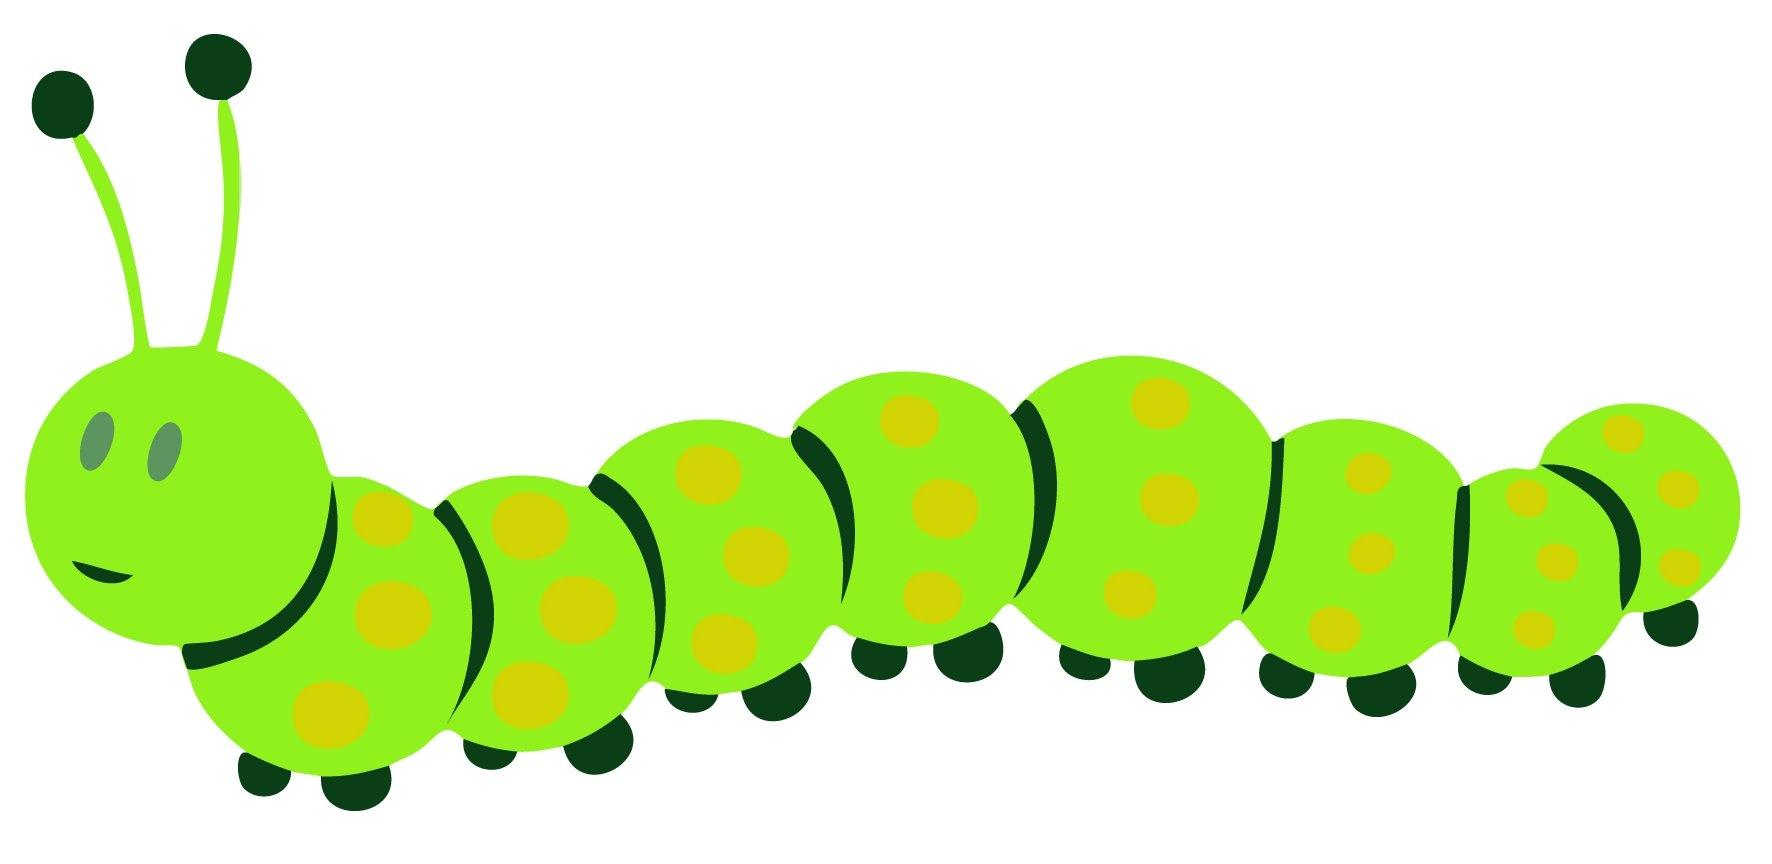 Caterpillar clipart Lovely Caterpillar Clipart » Clipart Station.